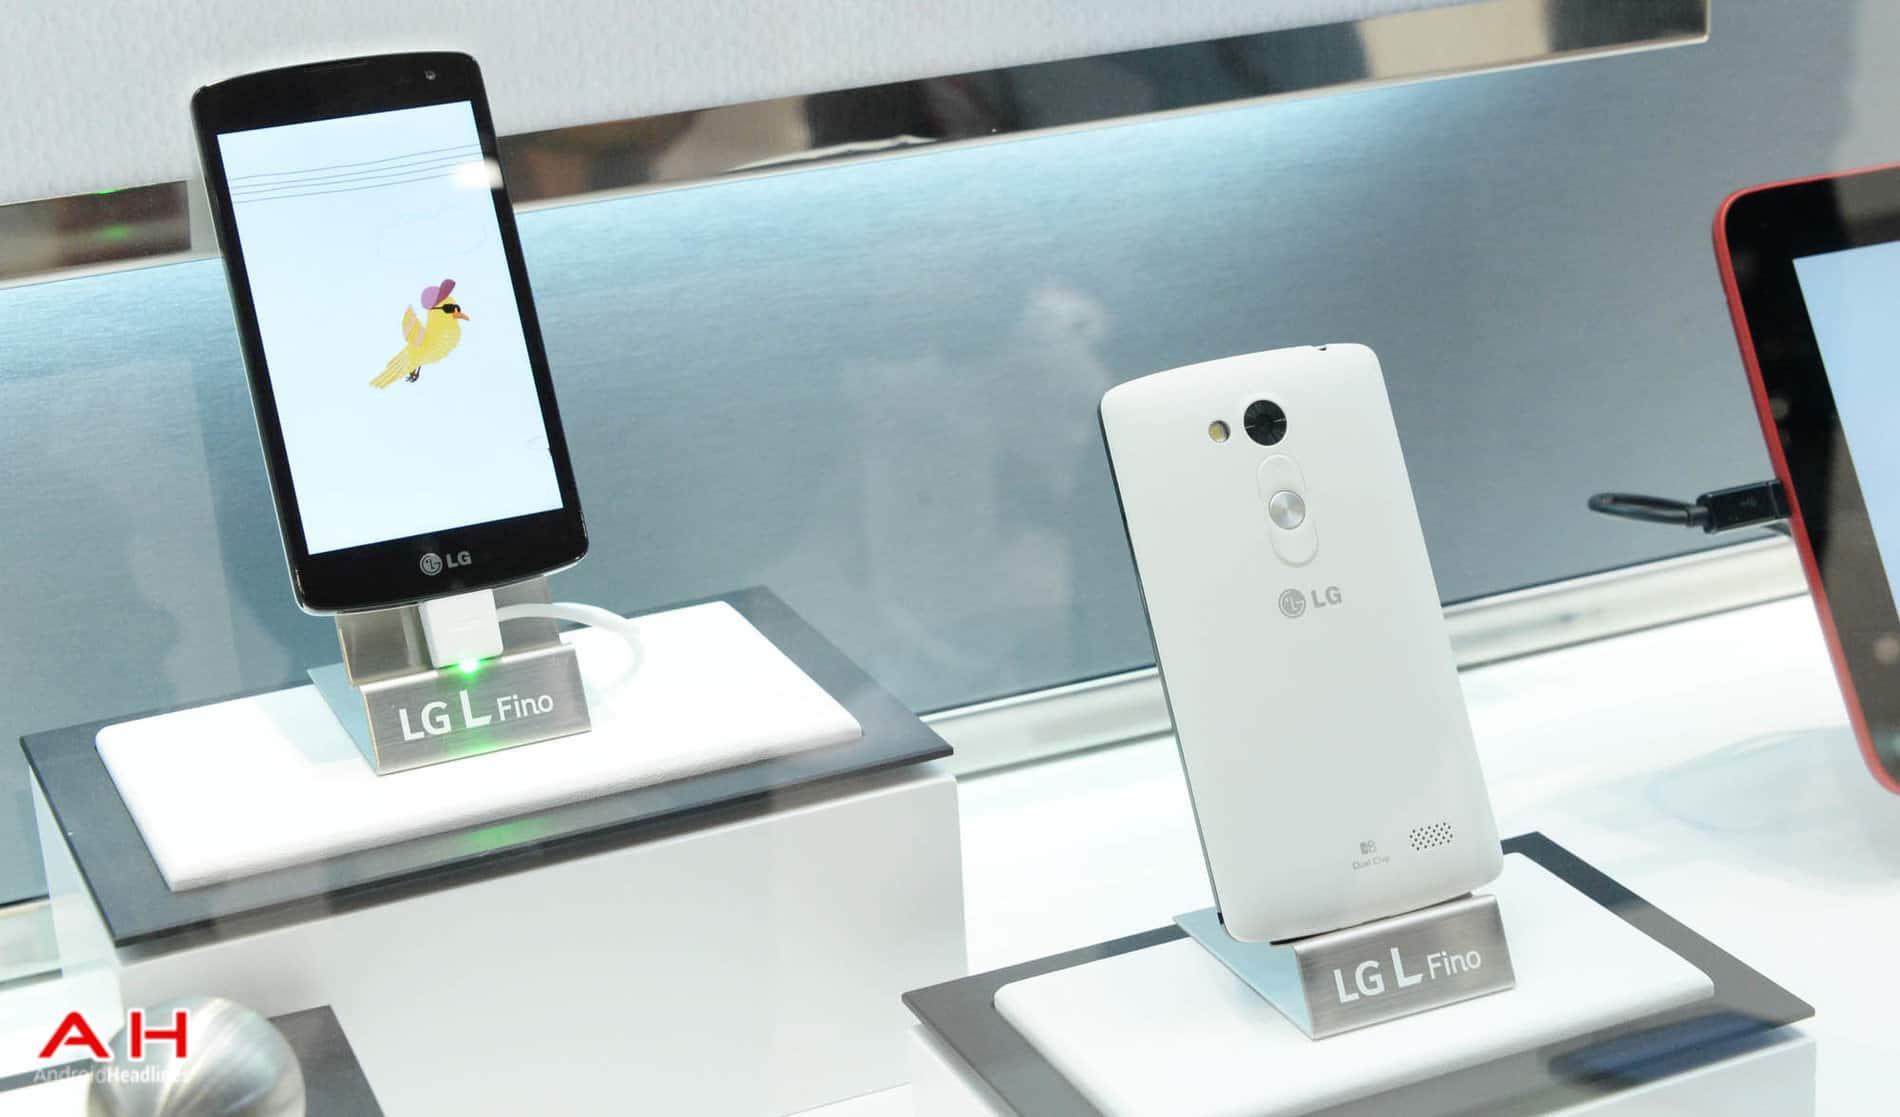 LG L Fino 1